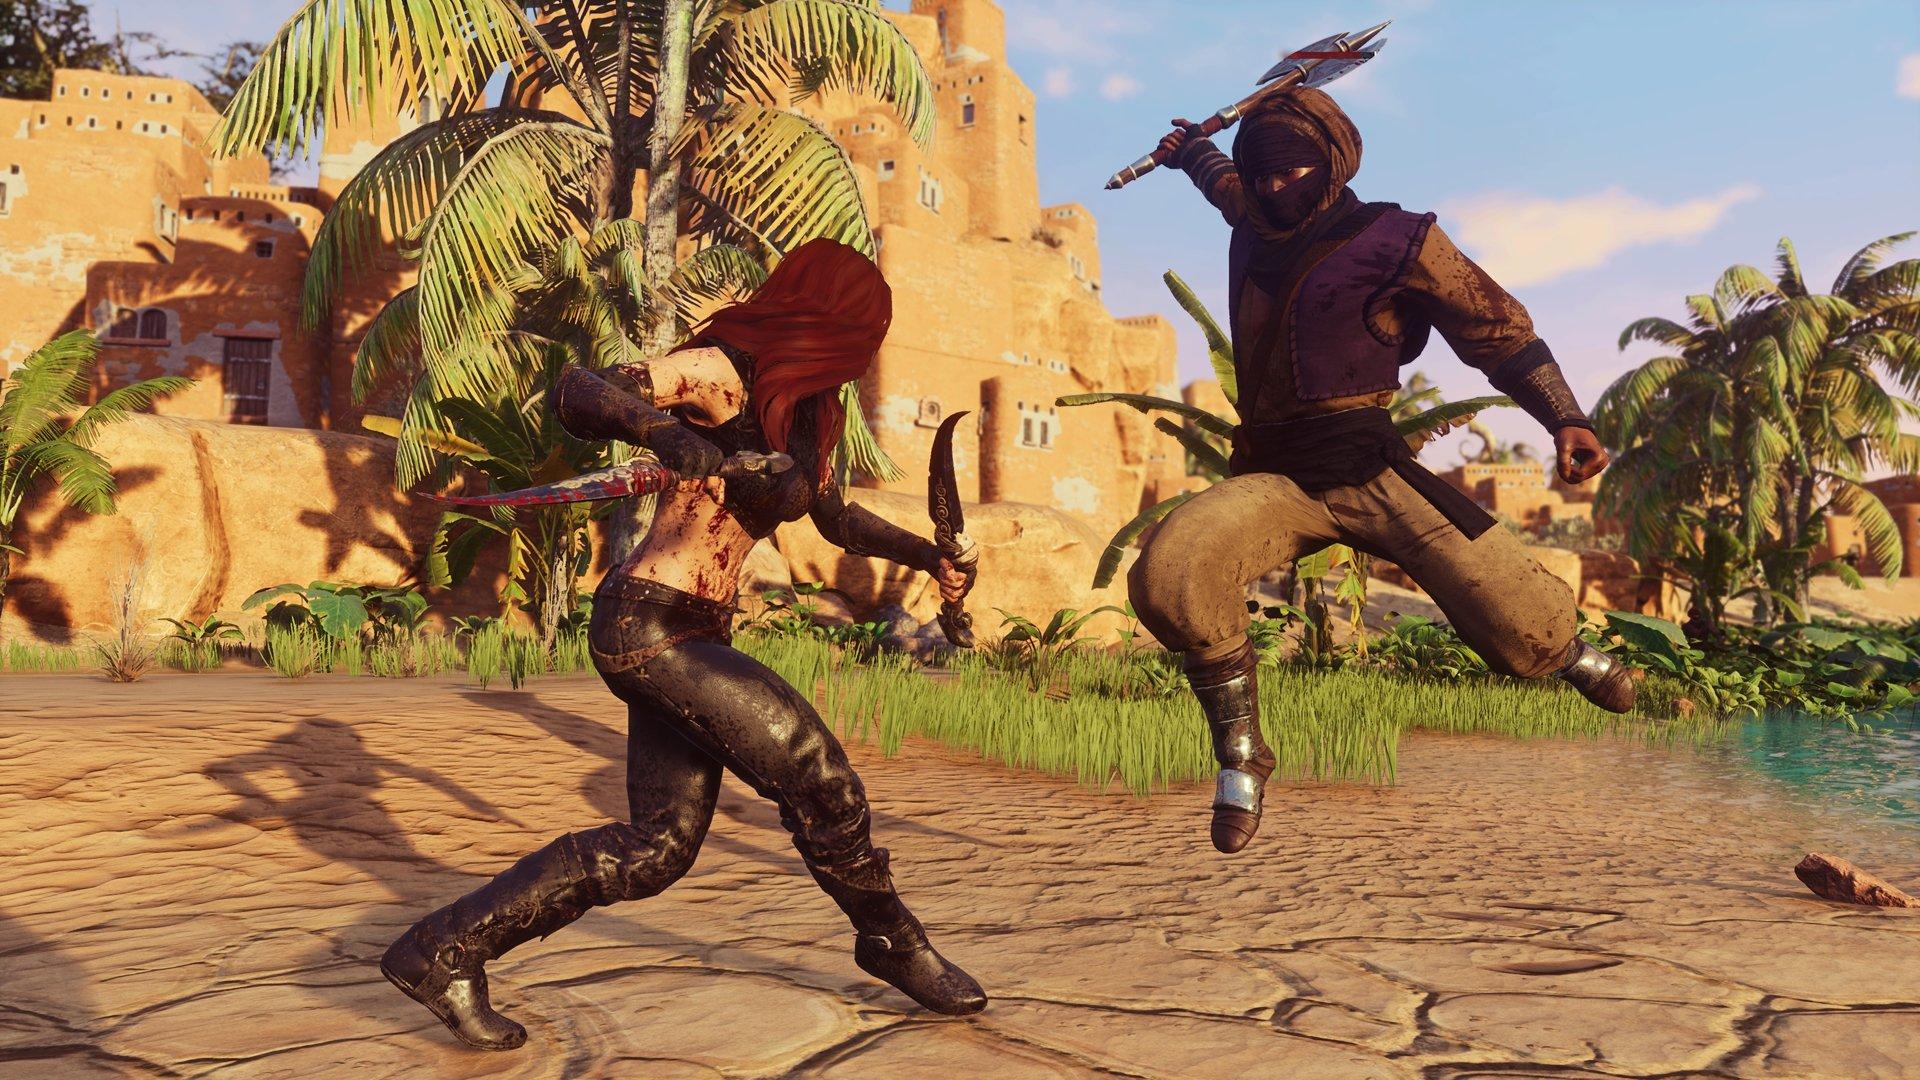 Скриншот к игре Conan Exiles (v181723/22745 + All DLC + 63 Mods) (2018) скачать торрент RePack